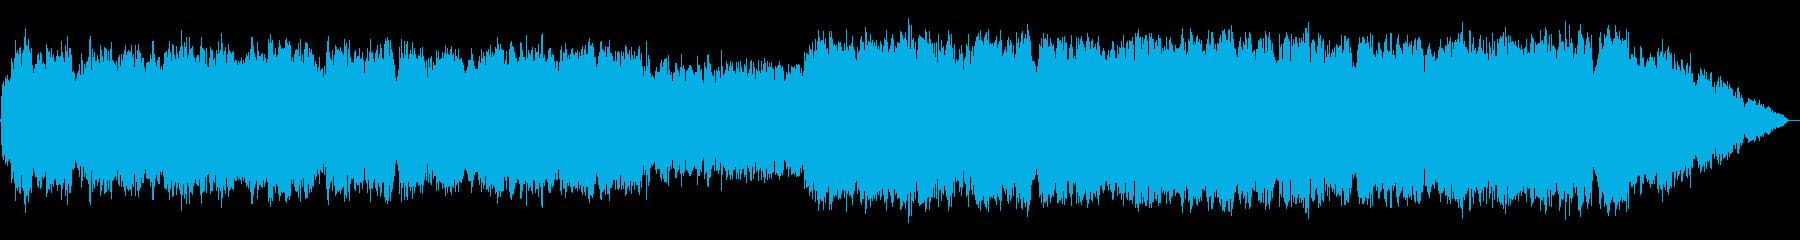 透明感のある優しい笛のメロディーの再生済みの波形